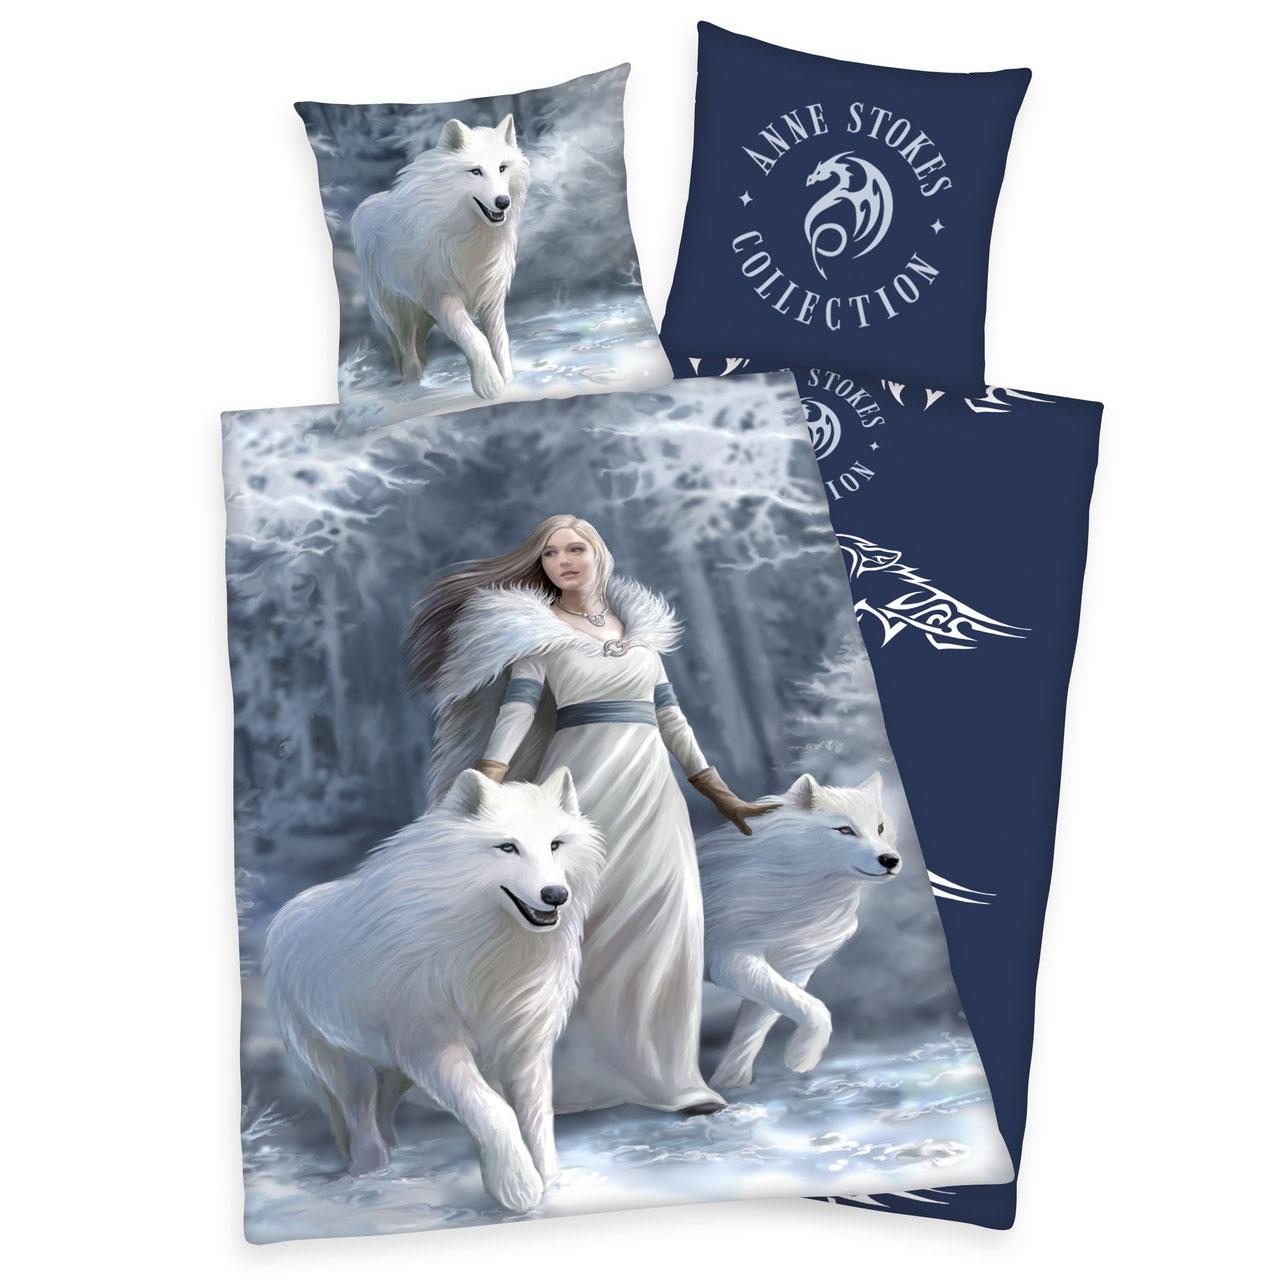 Hadesflamme Merchandise Onlineshop Anne Stokes Bettwäsche